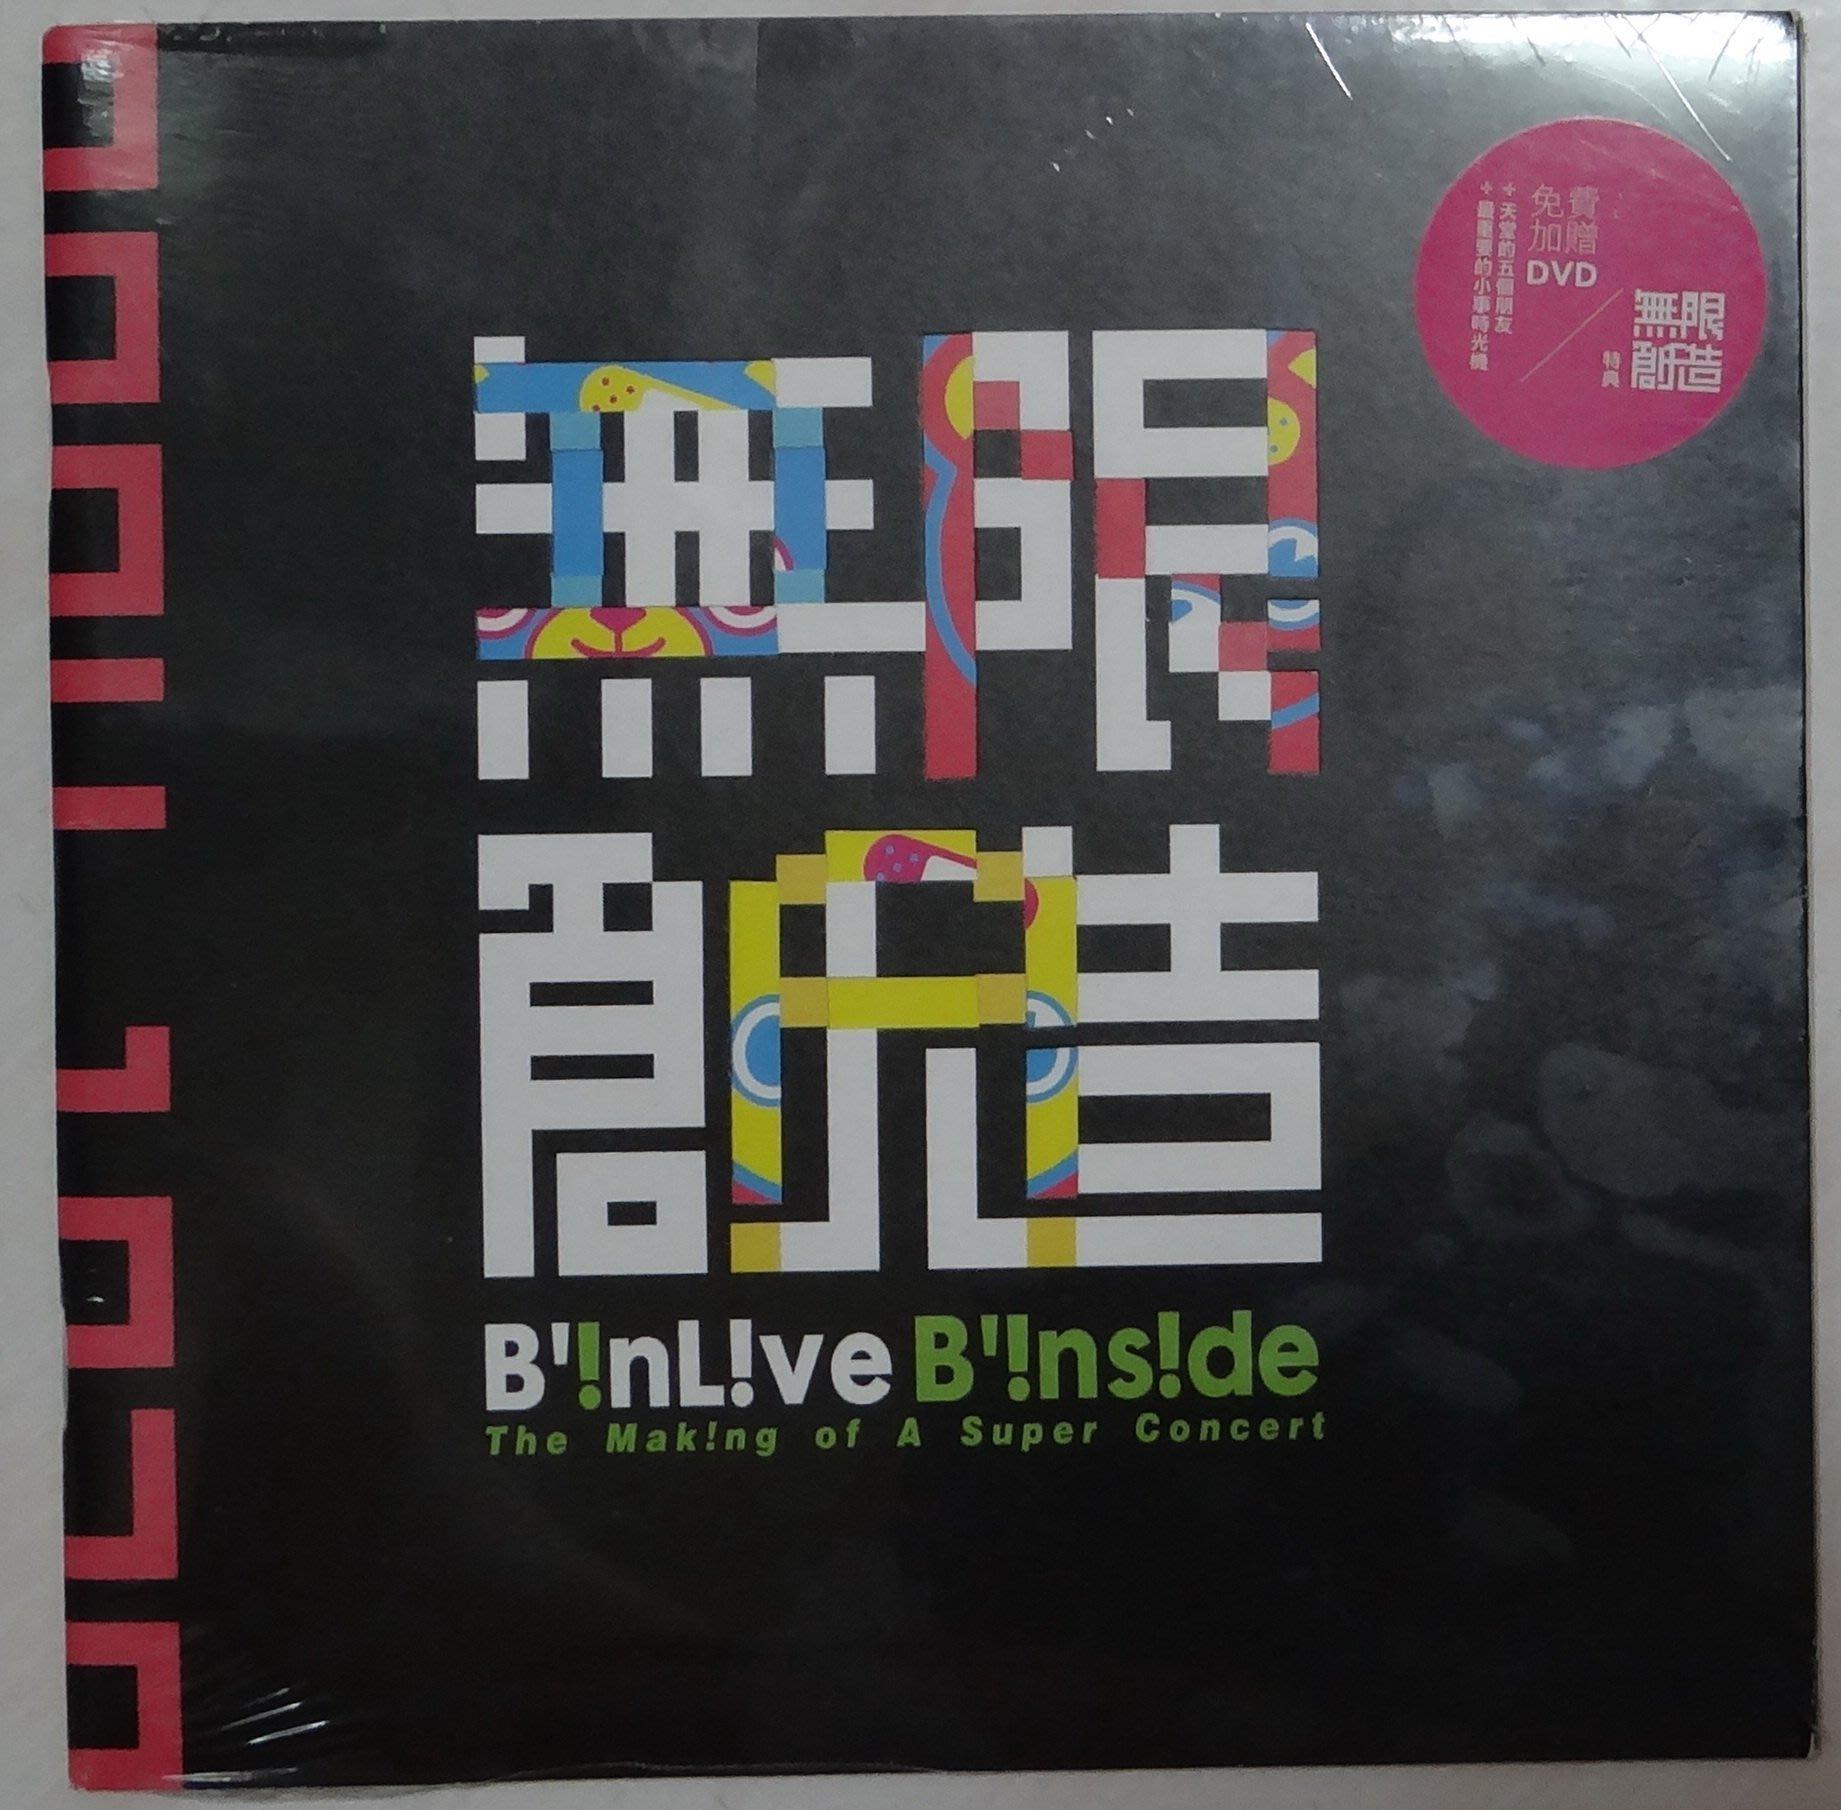 五月天-2012 無限創造DNA 演唱會無限創造DNA周邊 - 無限導航藏寶秘笈內附DVD 全新未拆封 絕版品